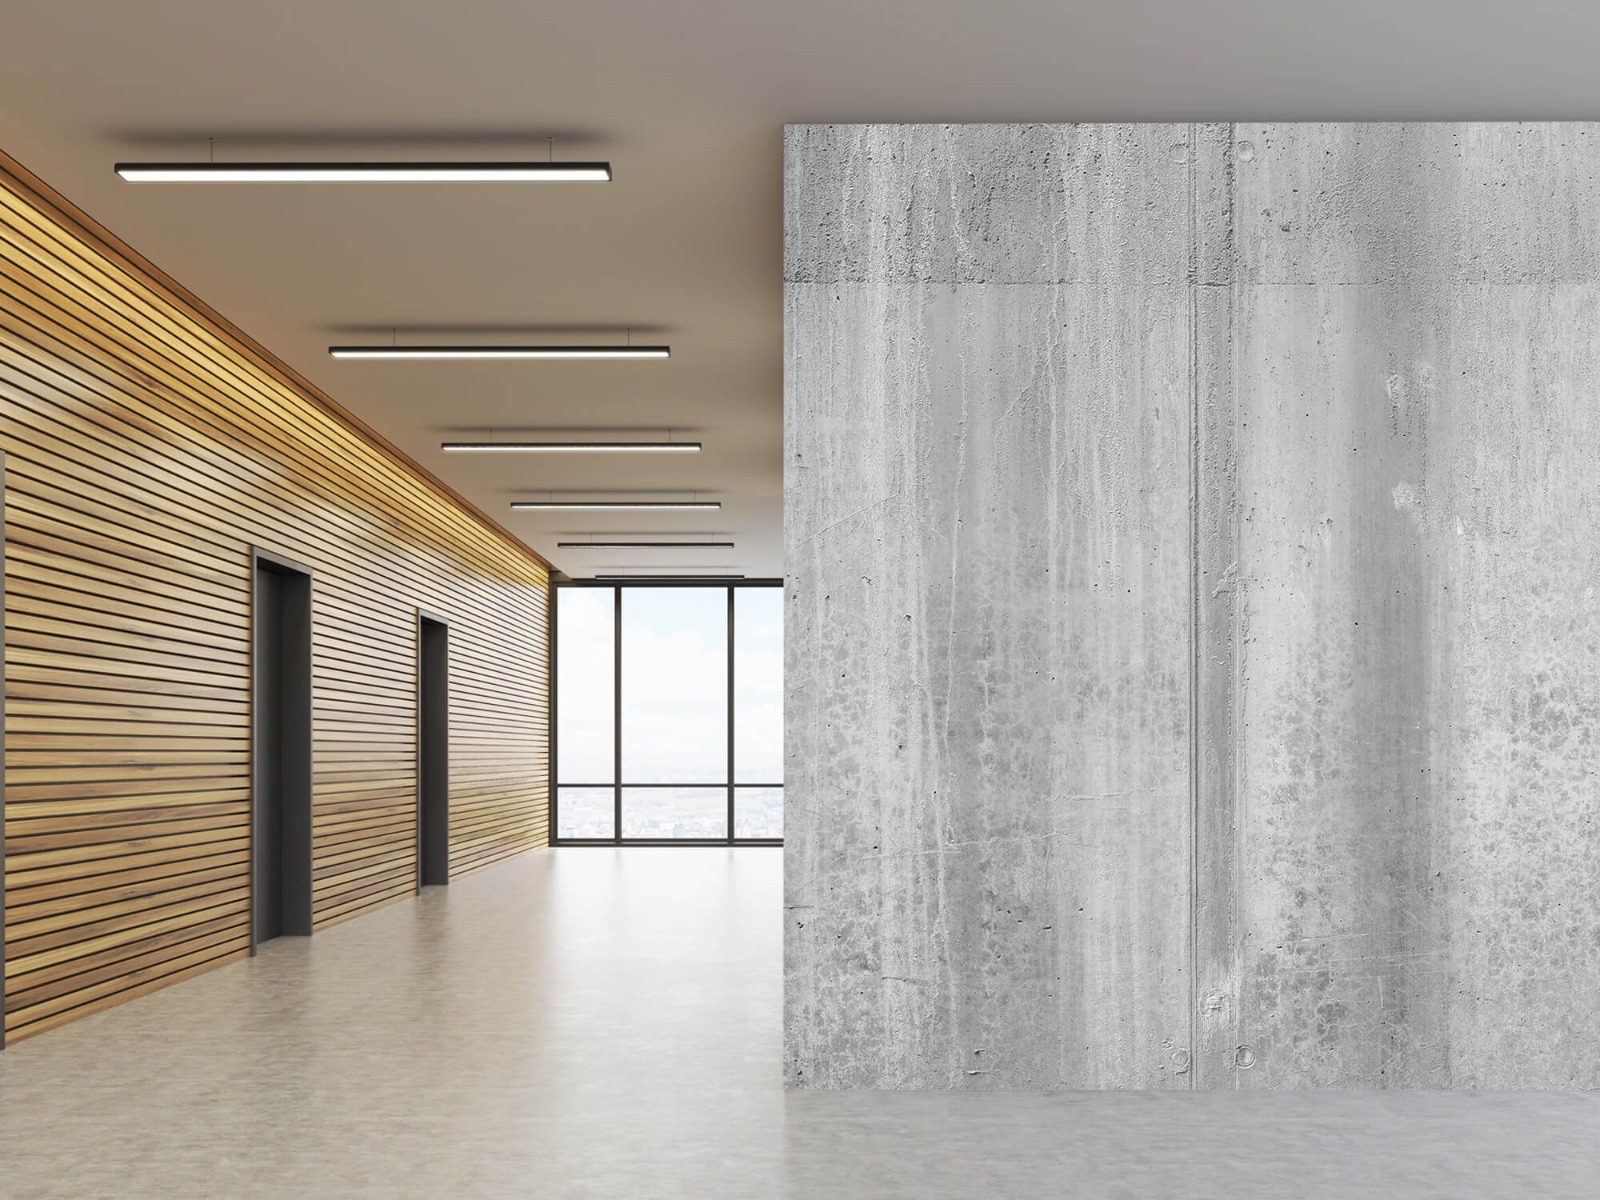 Betonlook behang - Beton zwart-wit - Wallexclusive - Kantoor 9